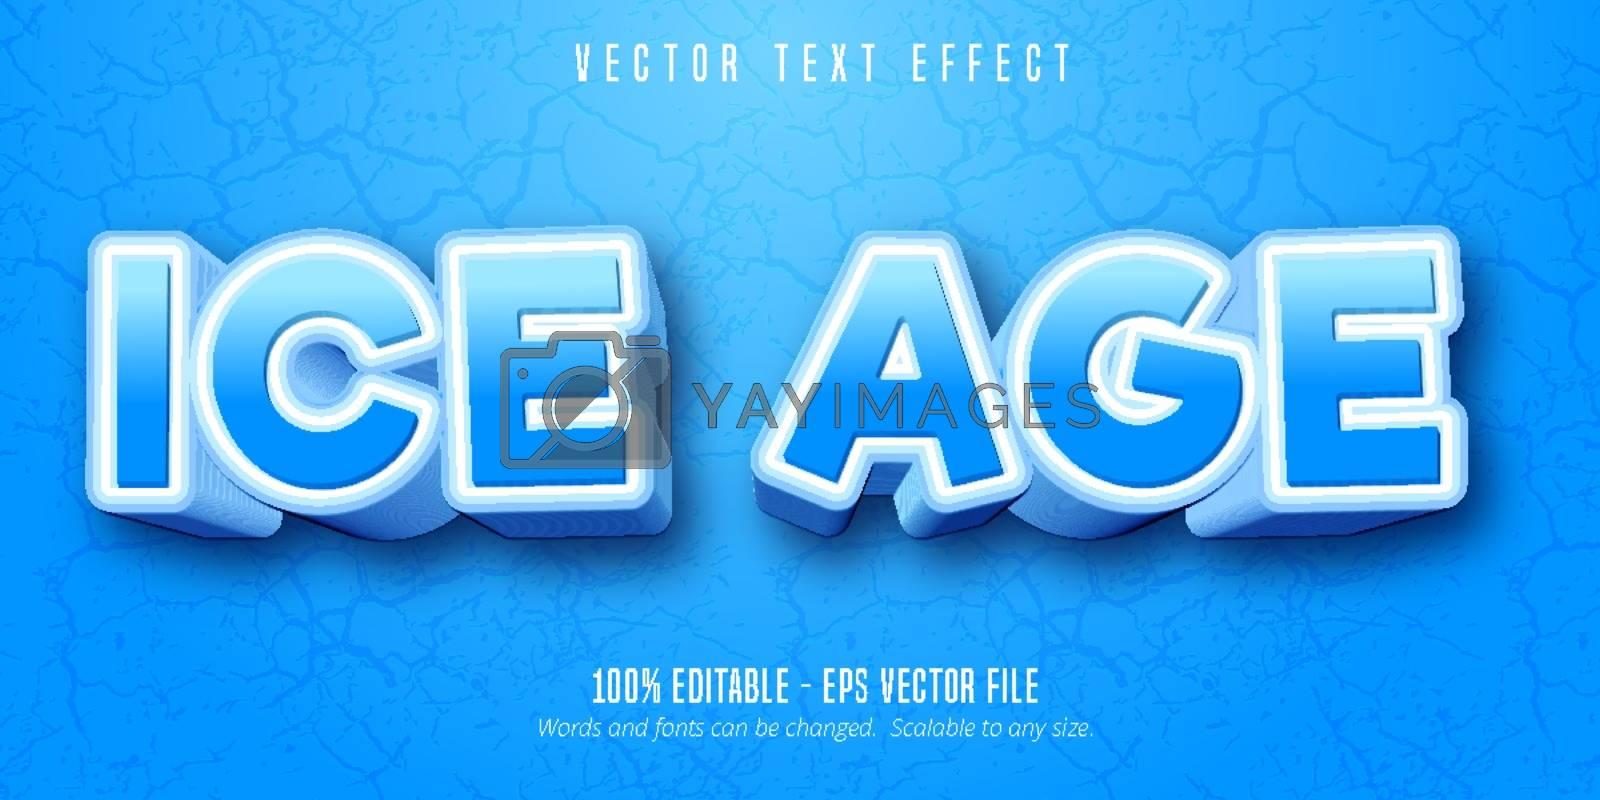 Ice age text, cartoon style editable text effect